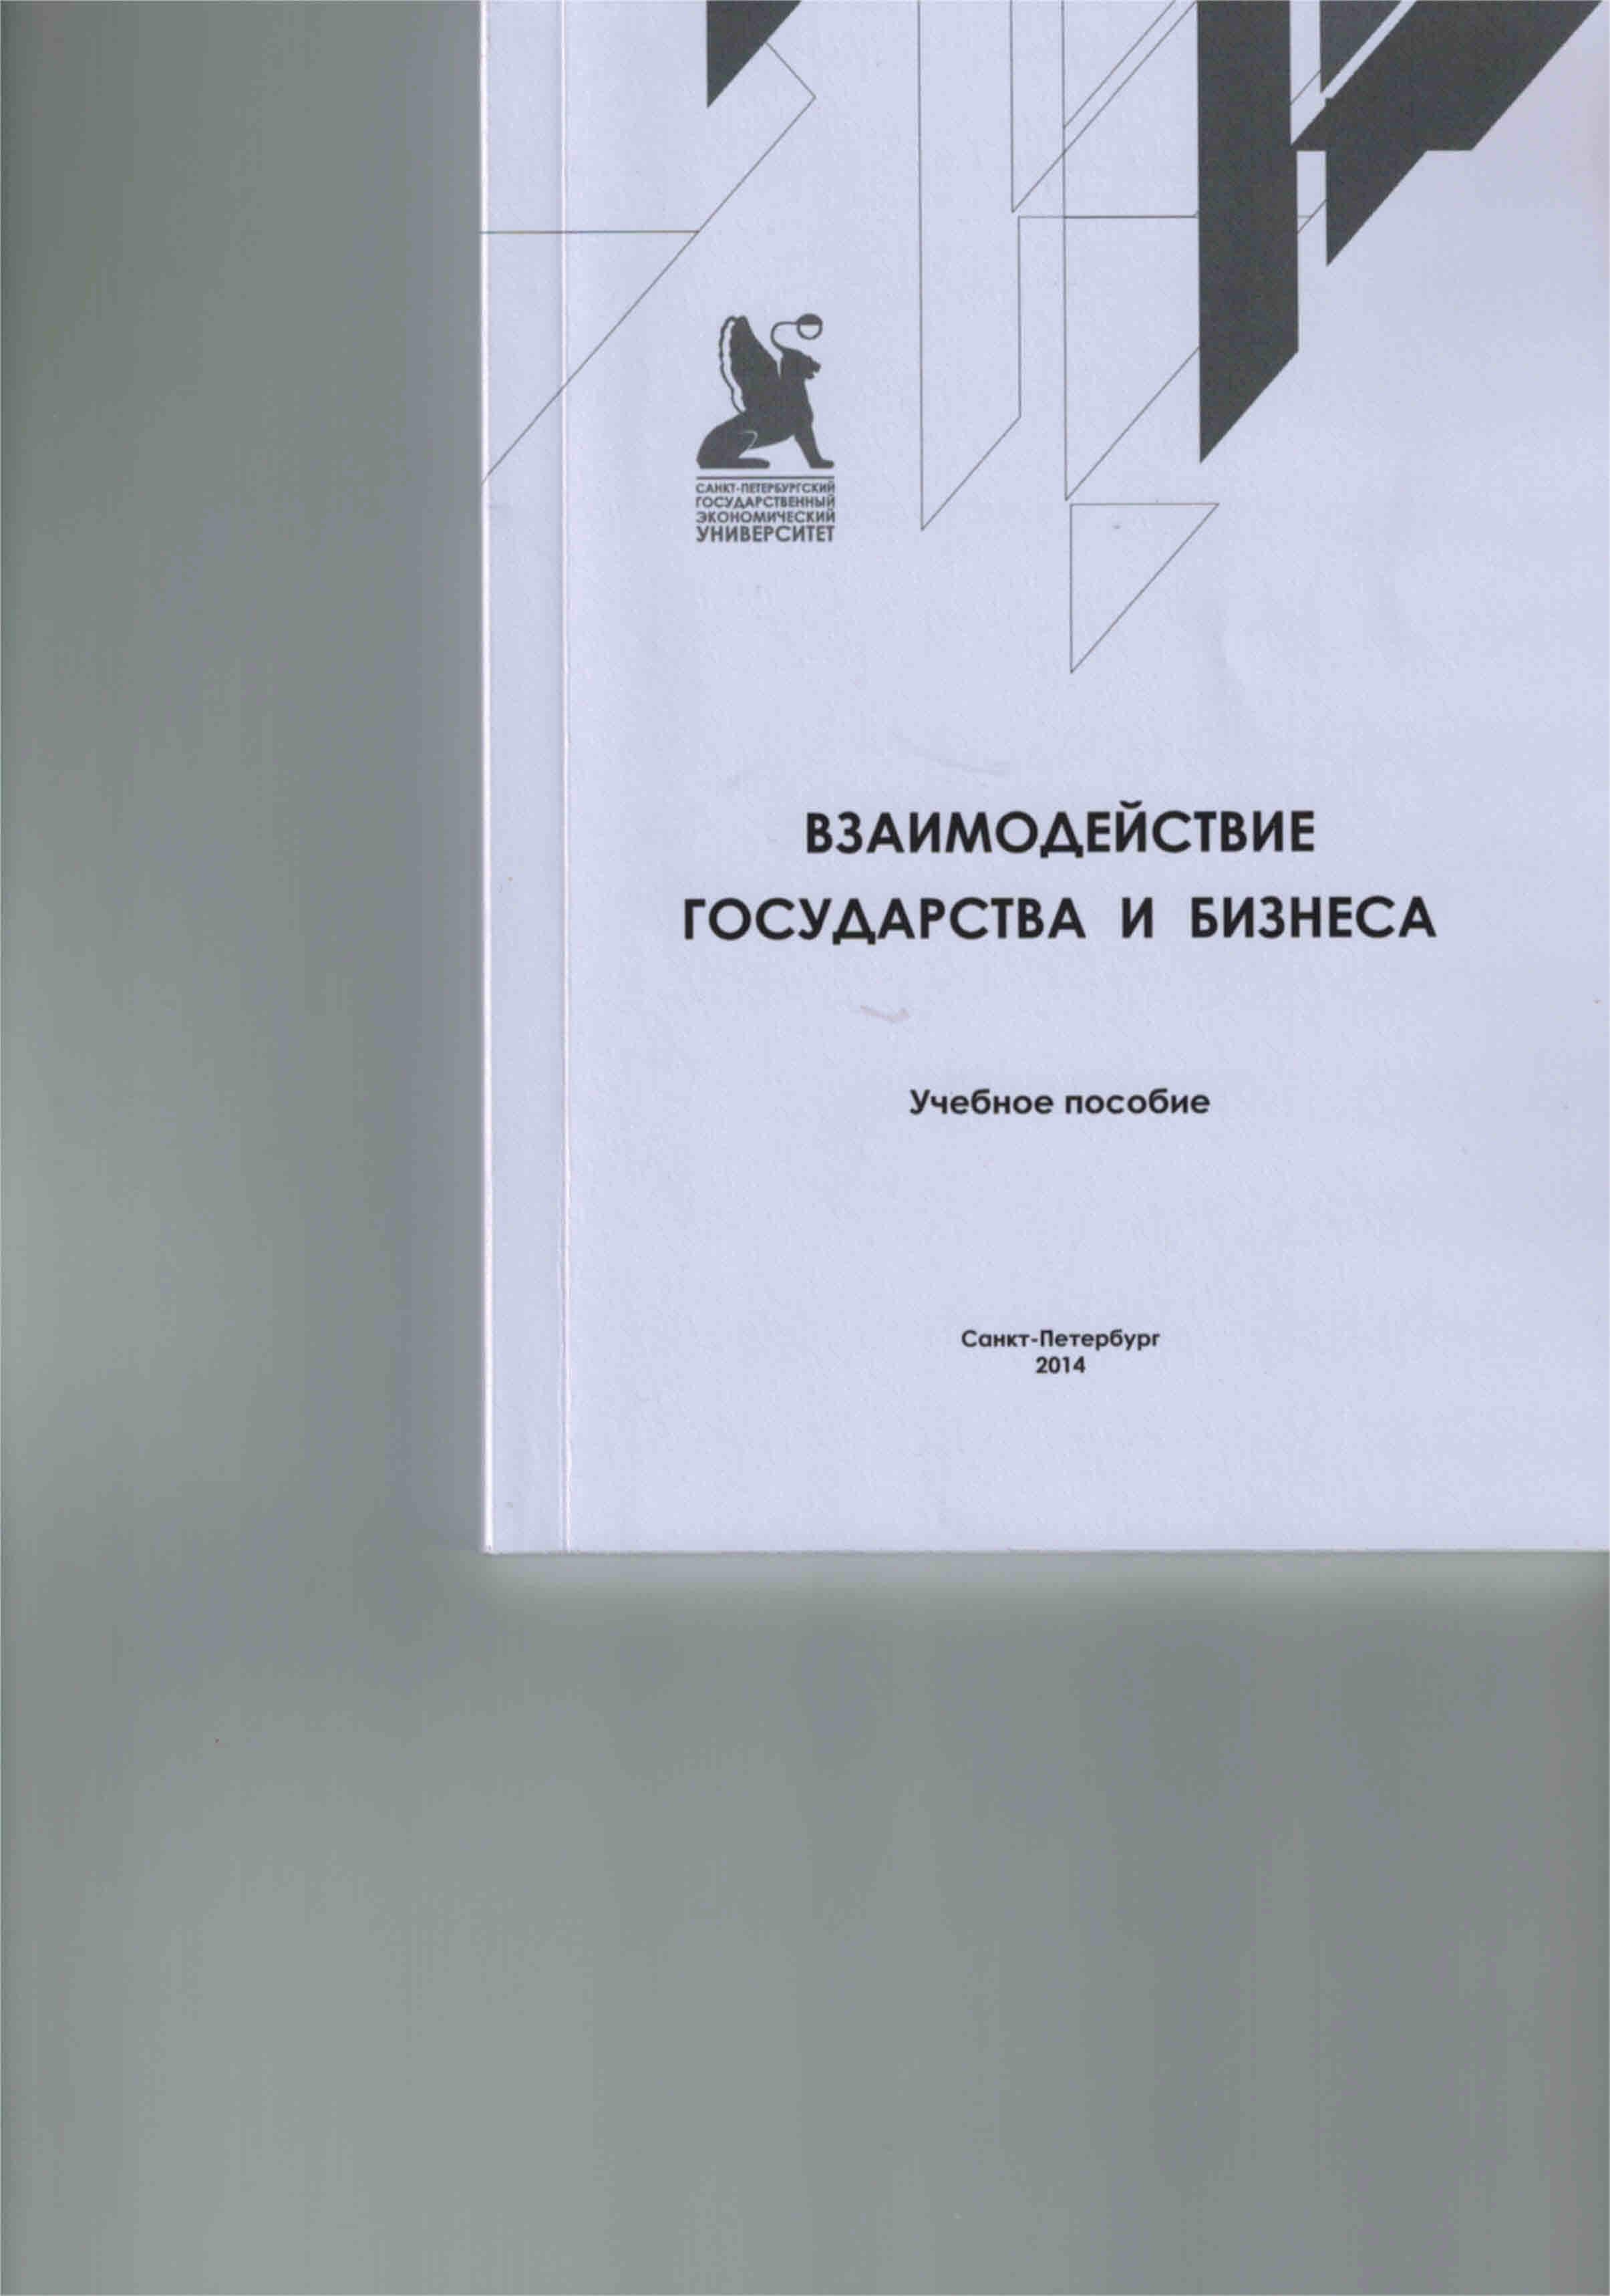 Взаимодействие государства и бизнеса: учебное пособие